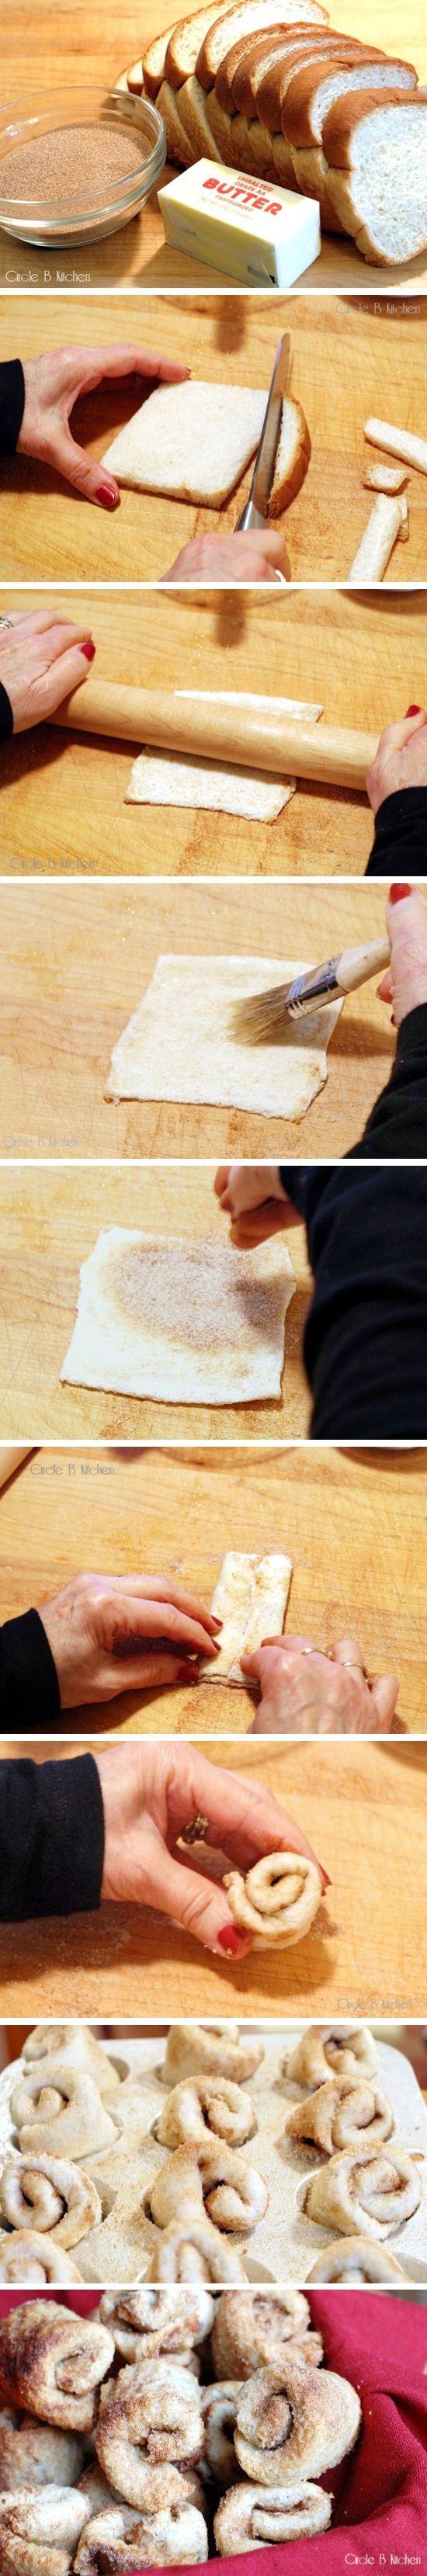 5 DIY Simple and Genius Ideas, Cinnamon Toast Rolls